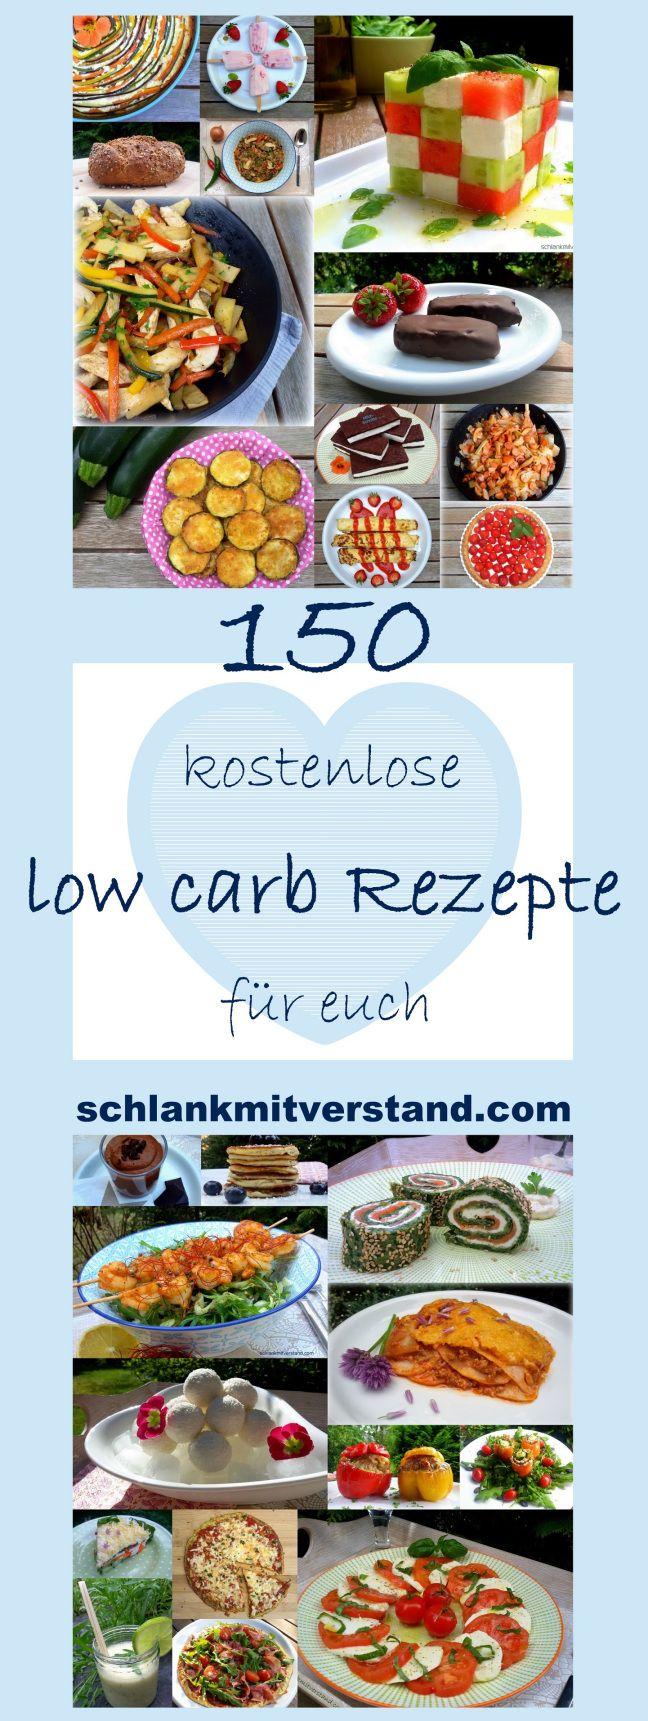 150 kostenlose low carb Rezepte für euch 3